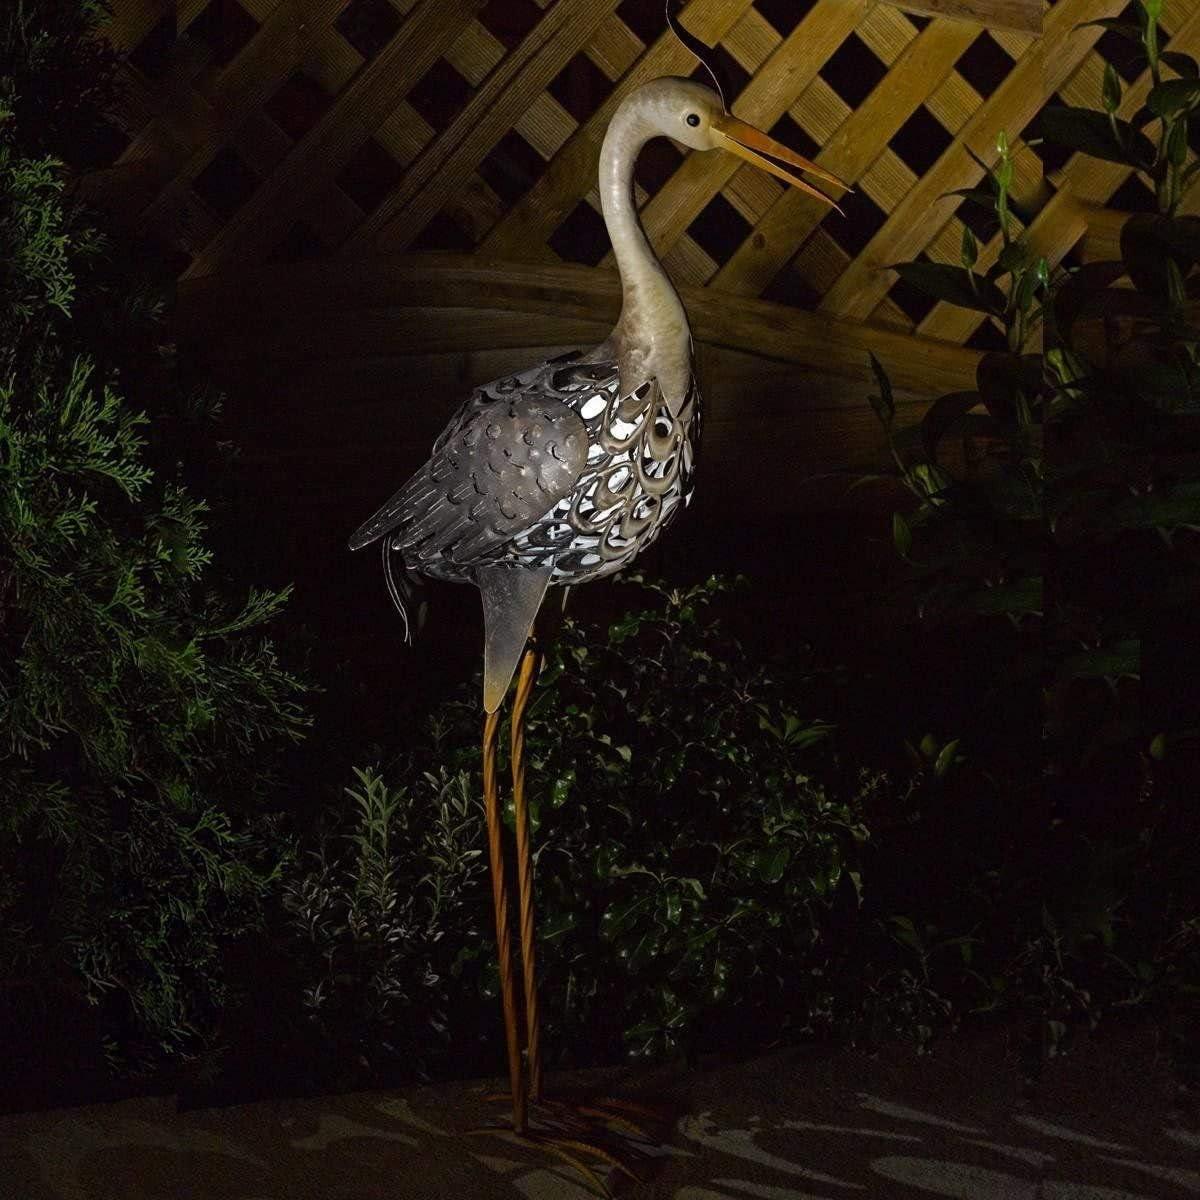 garden mile /à/énergie Solaire Allumer Conduit Girafe Poulet cuivre Effet m/étal Jardin Animal Sculptures Superbe Polyvalent d/écoration Jardin d/écoration Cow